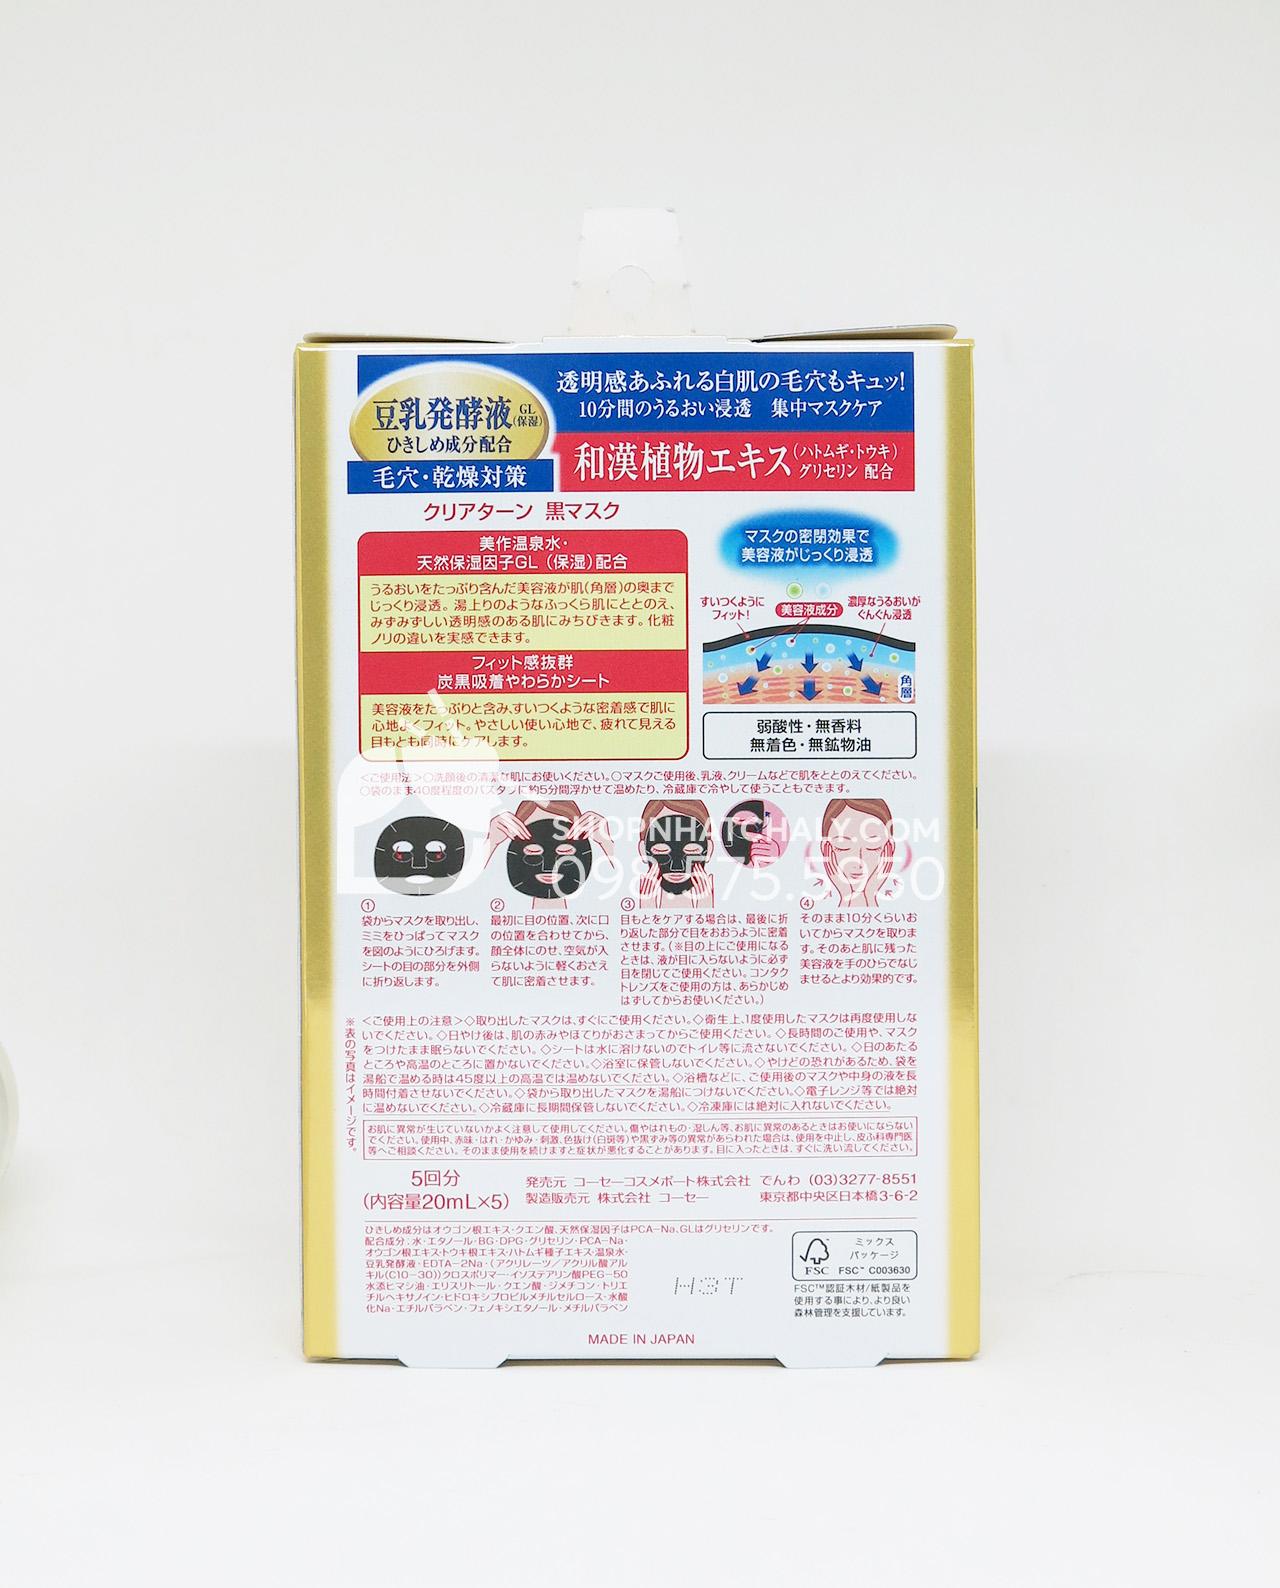 Mặt nạ thảo dược đông y trị mụn Kose Clear Turn Nhật Bản - thông tin sản phẩm